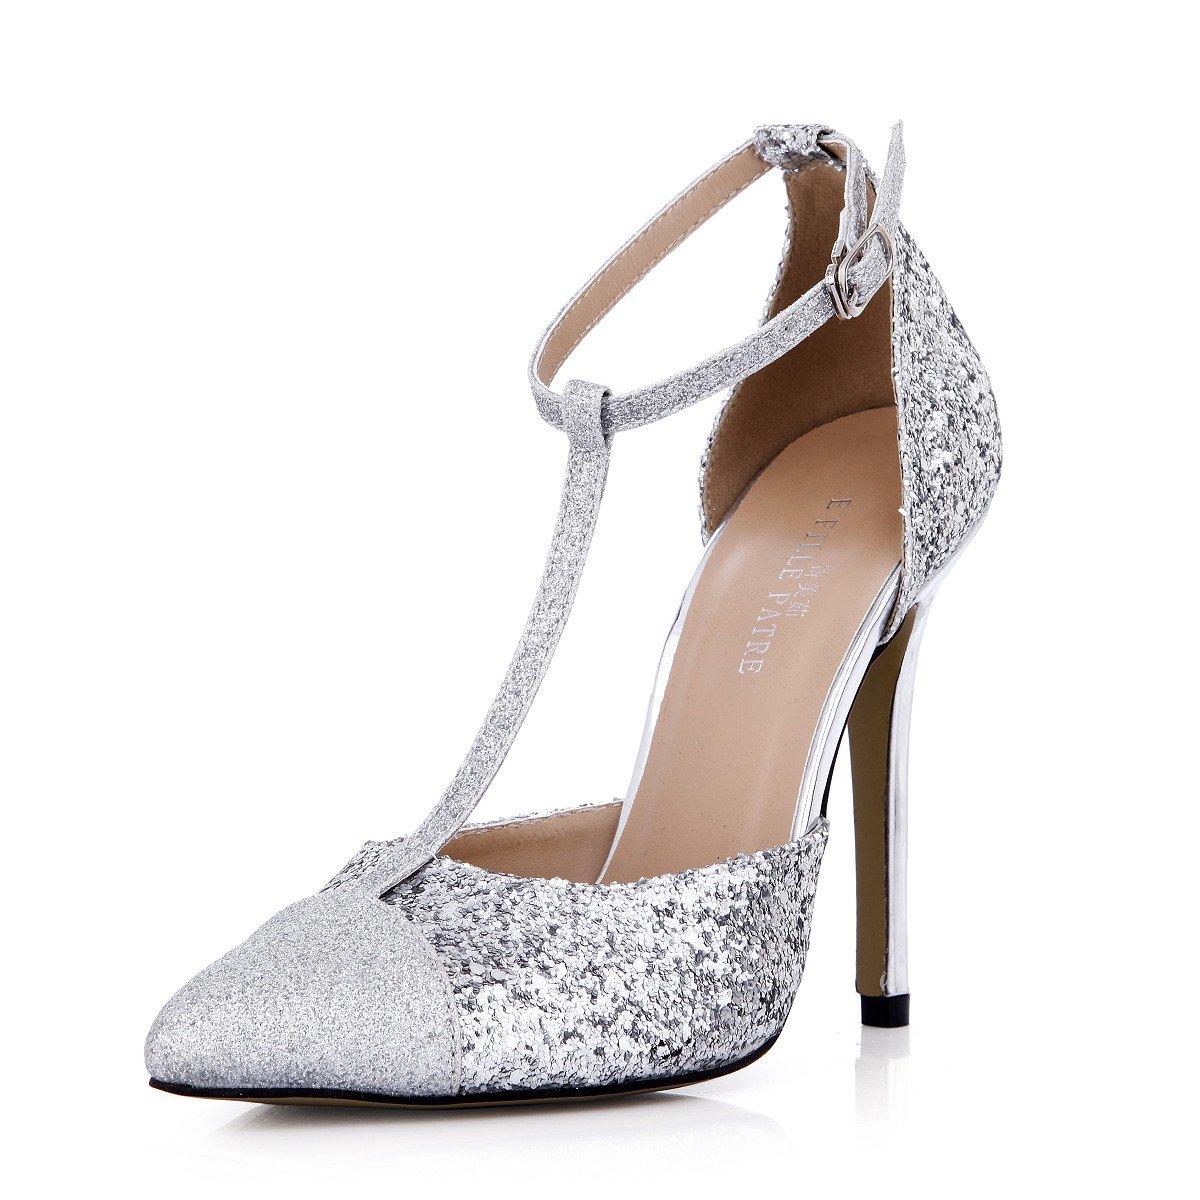 argent US10.5   EU42   UK8.5   CN43 Chaussures femmes goût nouvelle vue pointe argentée les chaussures de talon haut Chaussures